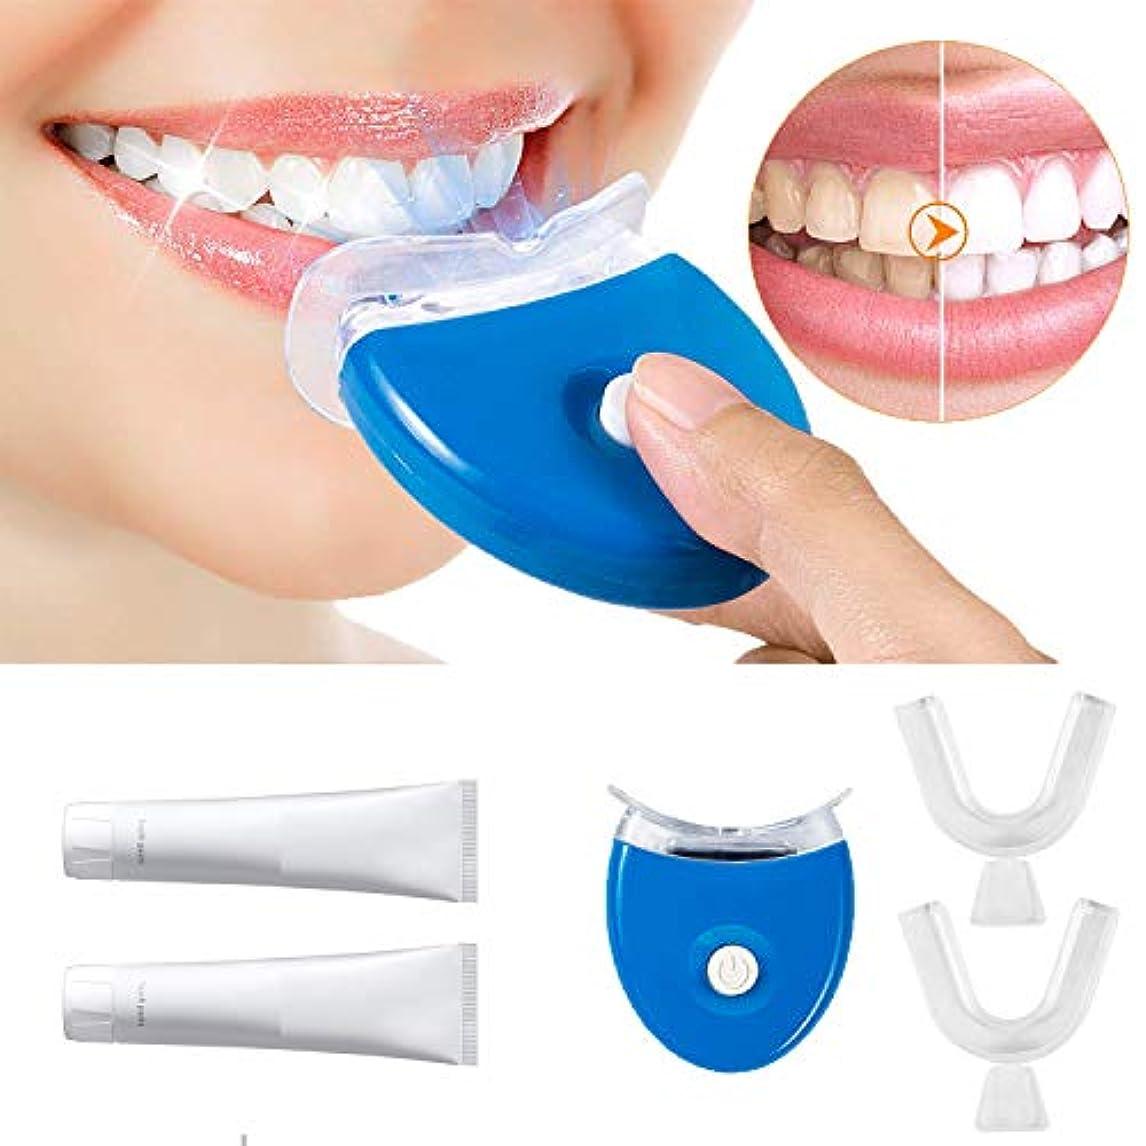 マウスピースネスト条約ホワイトニング 歯ホワイトニング器 歯美白器 美歯器 歯 ホワイトニング ホワイトナー ケア 歯の消しゴム 歯科機器 口腔ゲルキット ブルー